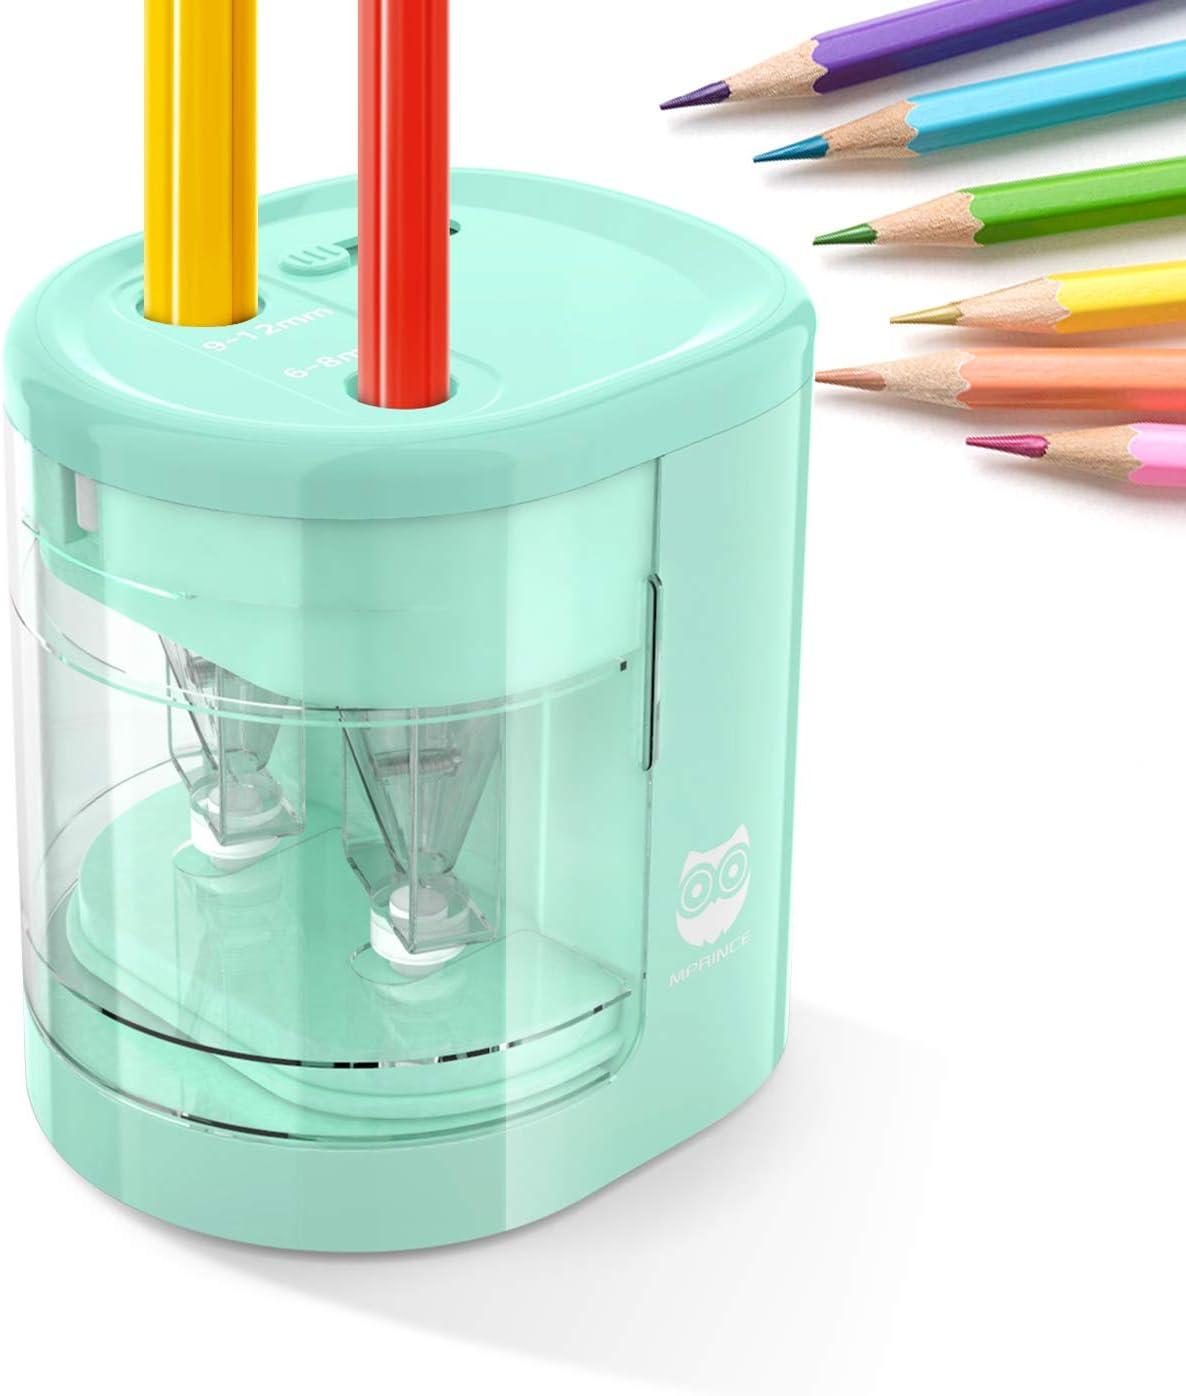 Rosa Batterie Betrieben Uong Elektrischer Anspitzer Schule Klassenzimme f/ür Zuhause B/üro 2 Ersatzmesser Automatischer Bleistiftanspitzer Elektrisch f/ür Kinder mit Zwei L/öchern